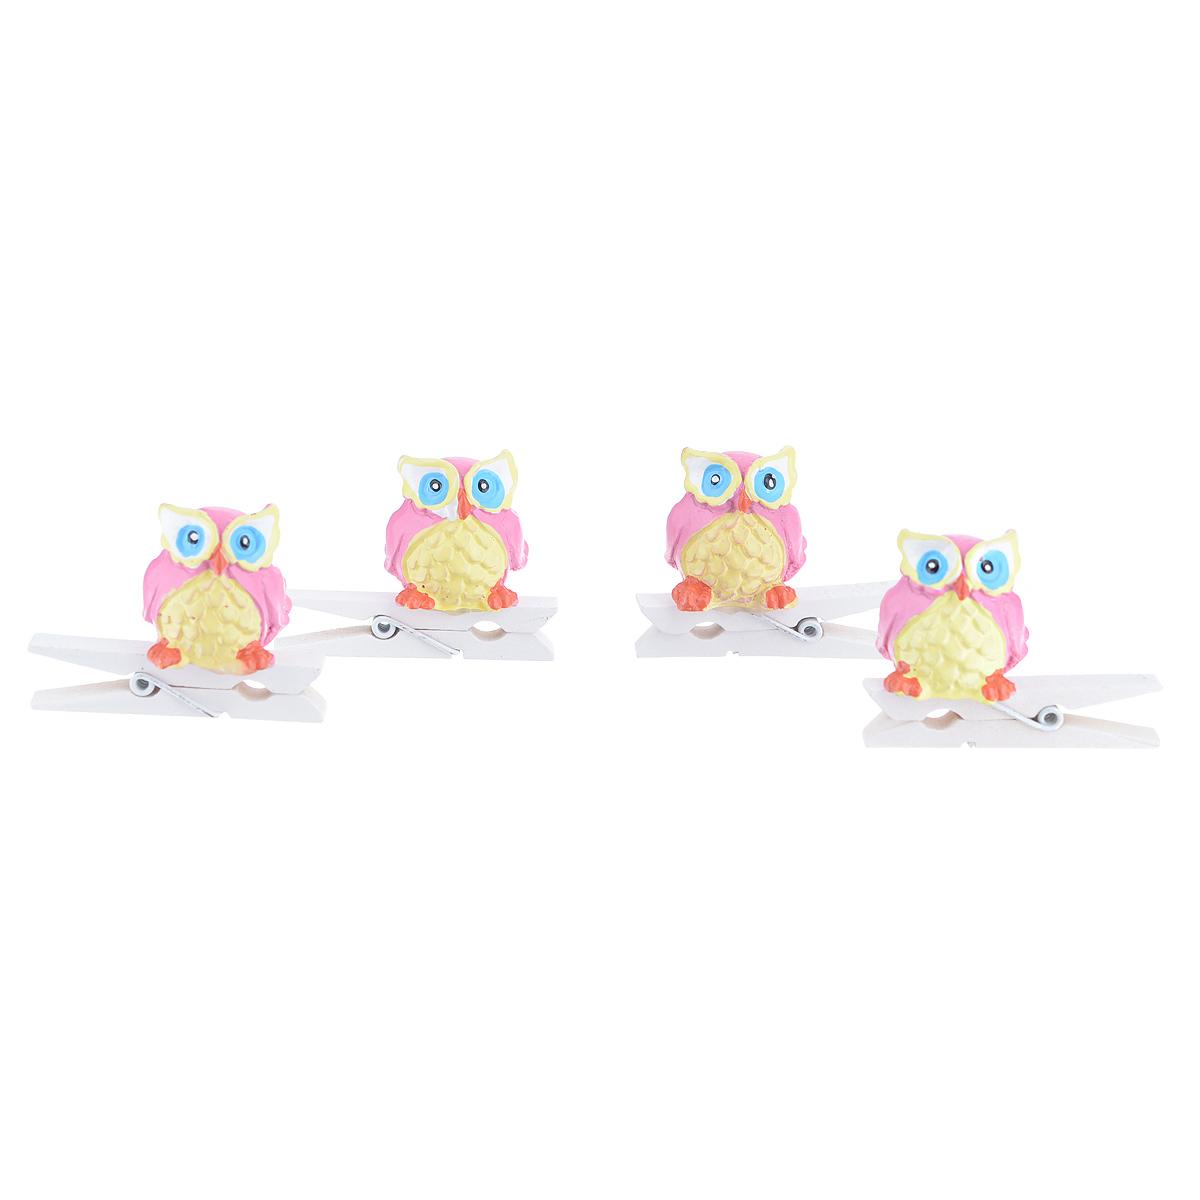 Набор декоративных прищепок Феникс-презент Совушки, 4 шт. 3943439434Набор Феникс-презент Совушки состоит из 4 декоративных прищепок, выполненных из дерева. Прищепки оформлены декоративными фигурками из полирезины в виде сов. Изделия используются для развешивания стикеров на веревке, маленьких игрушек, а оригинальность и веселые цвета прищепок будут радовать глаз и поднимут настроение. Размер прищепки: 4,5 см х 1,5 см х 3,5 см.